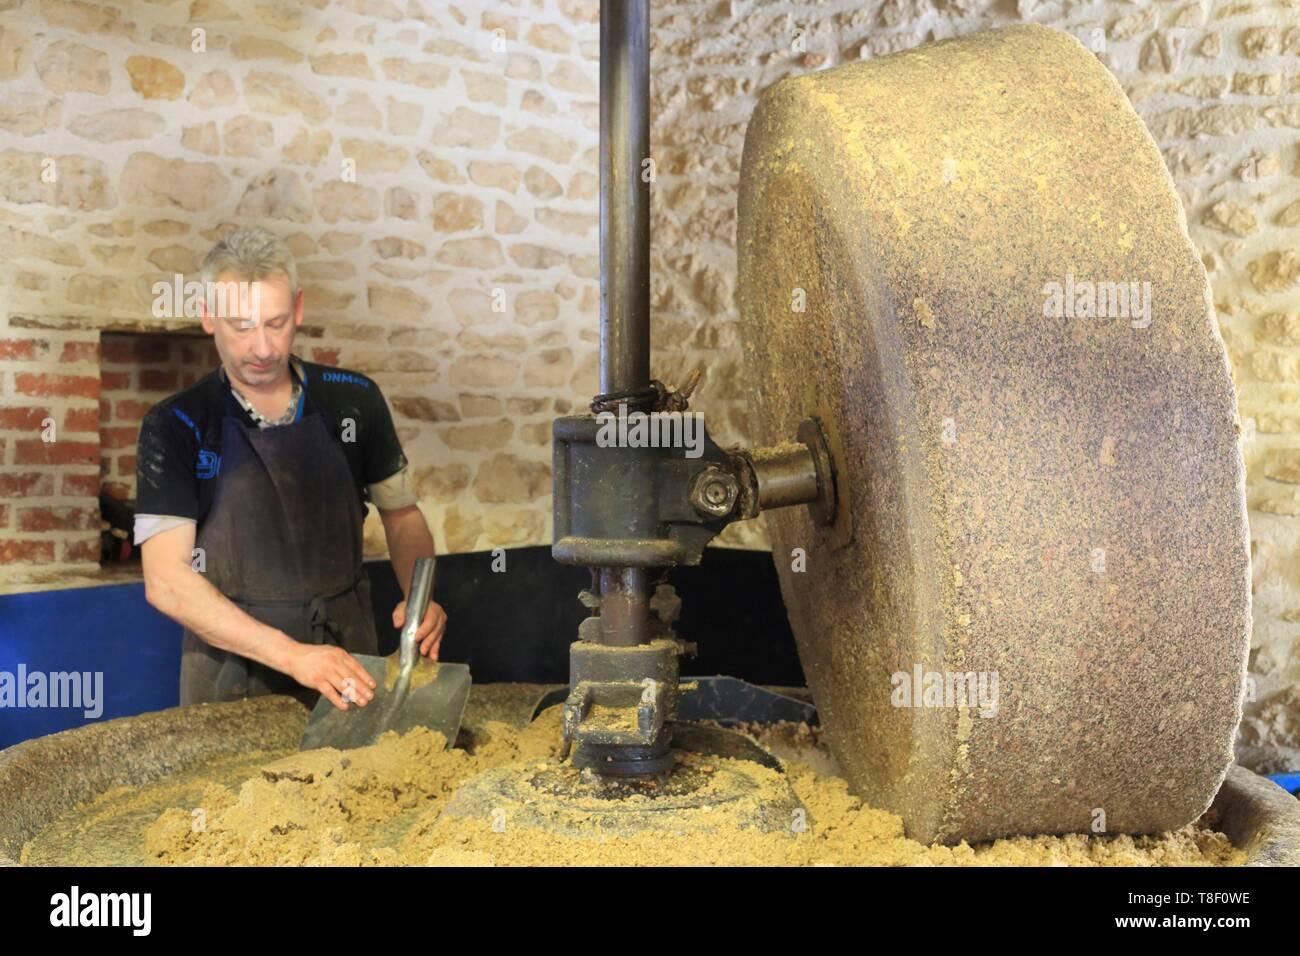 Francia, Saône et Loire, Iguerande, almazara J.Leblanc (1878), la fabricación de aceite de nuez con una rueda de piedra Imagen De Stock